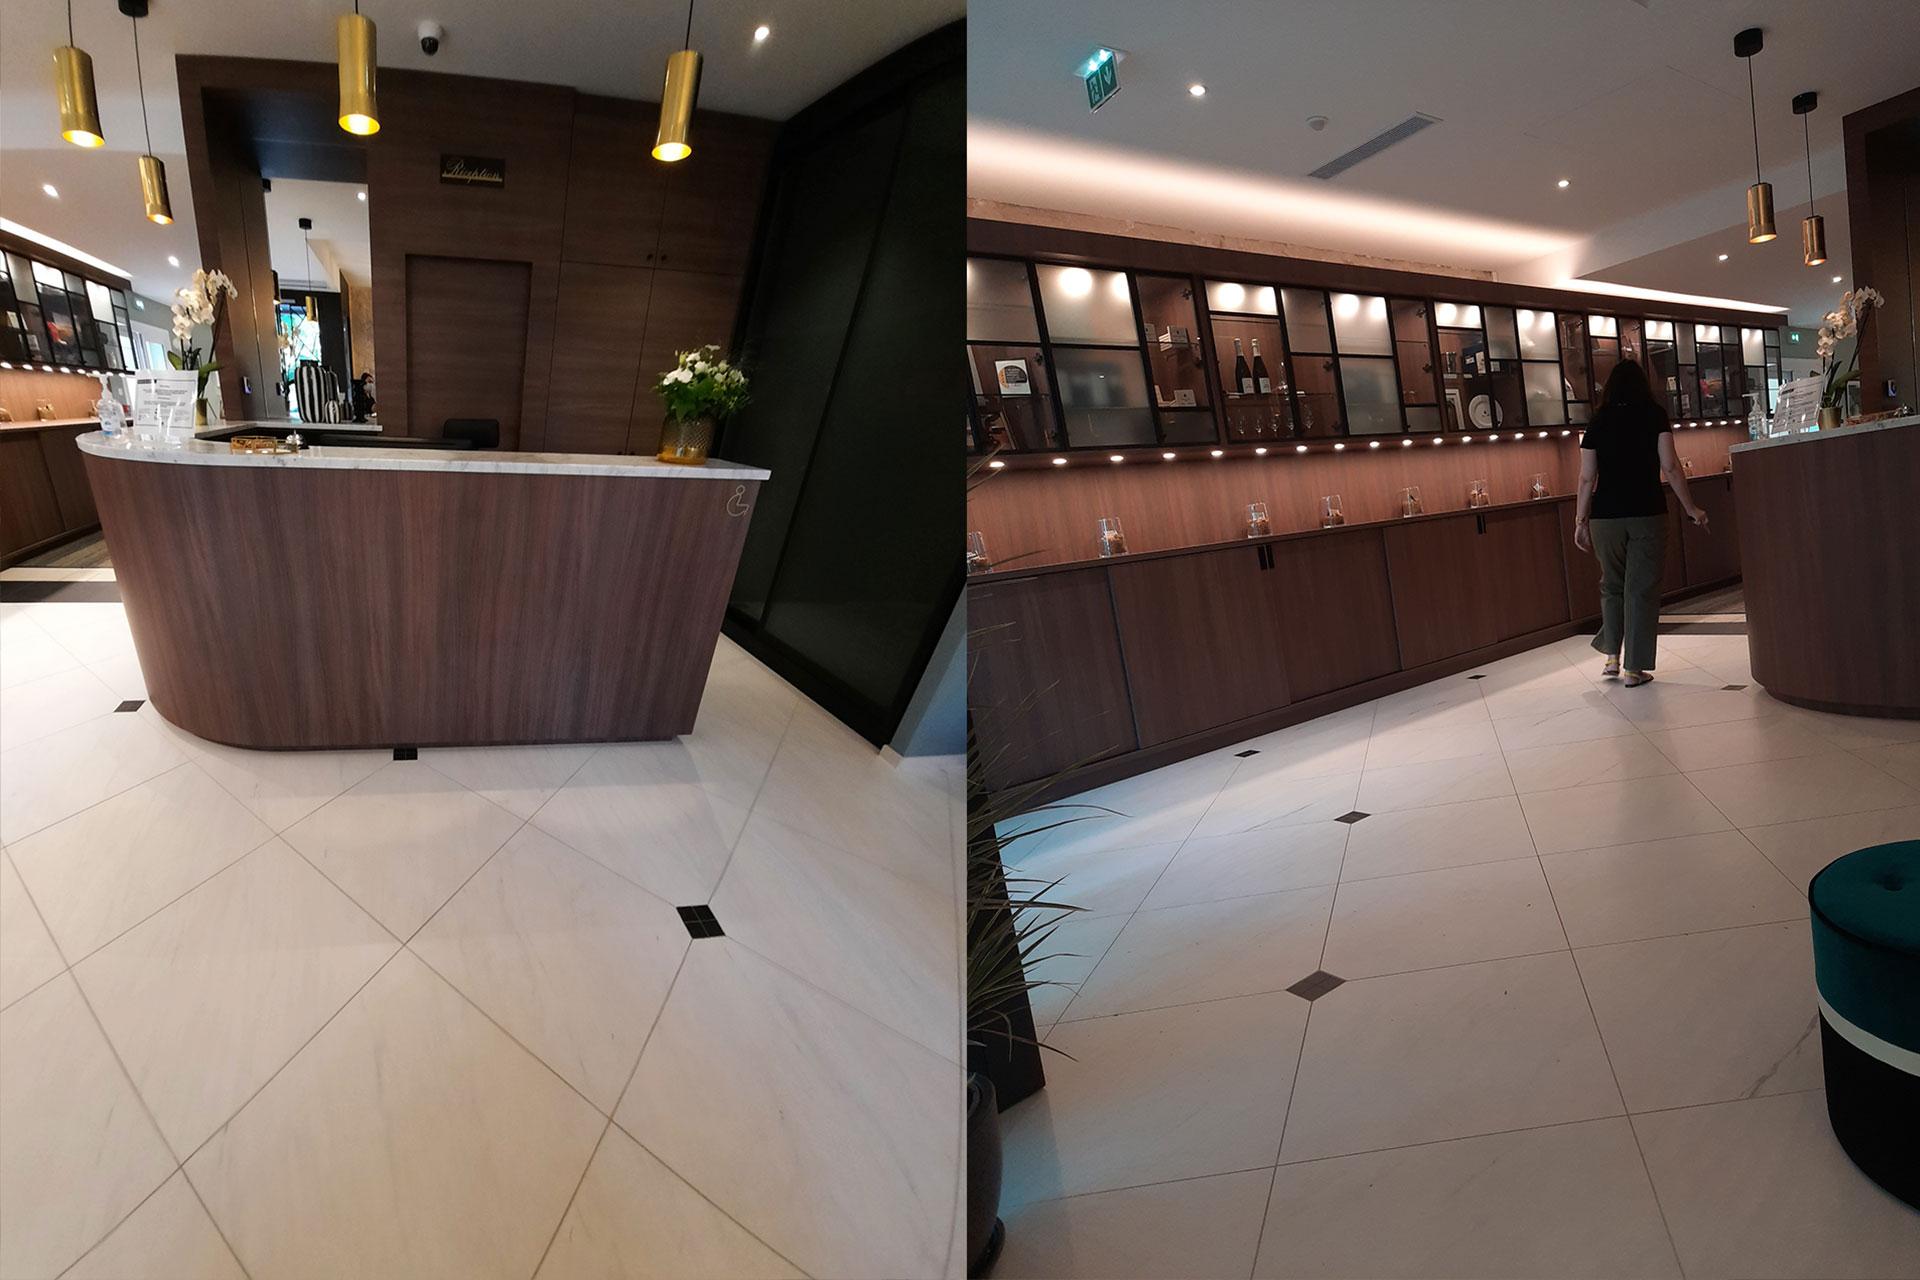 hotel-restaurant-olivier-leflaive_5